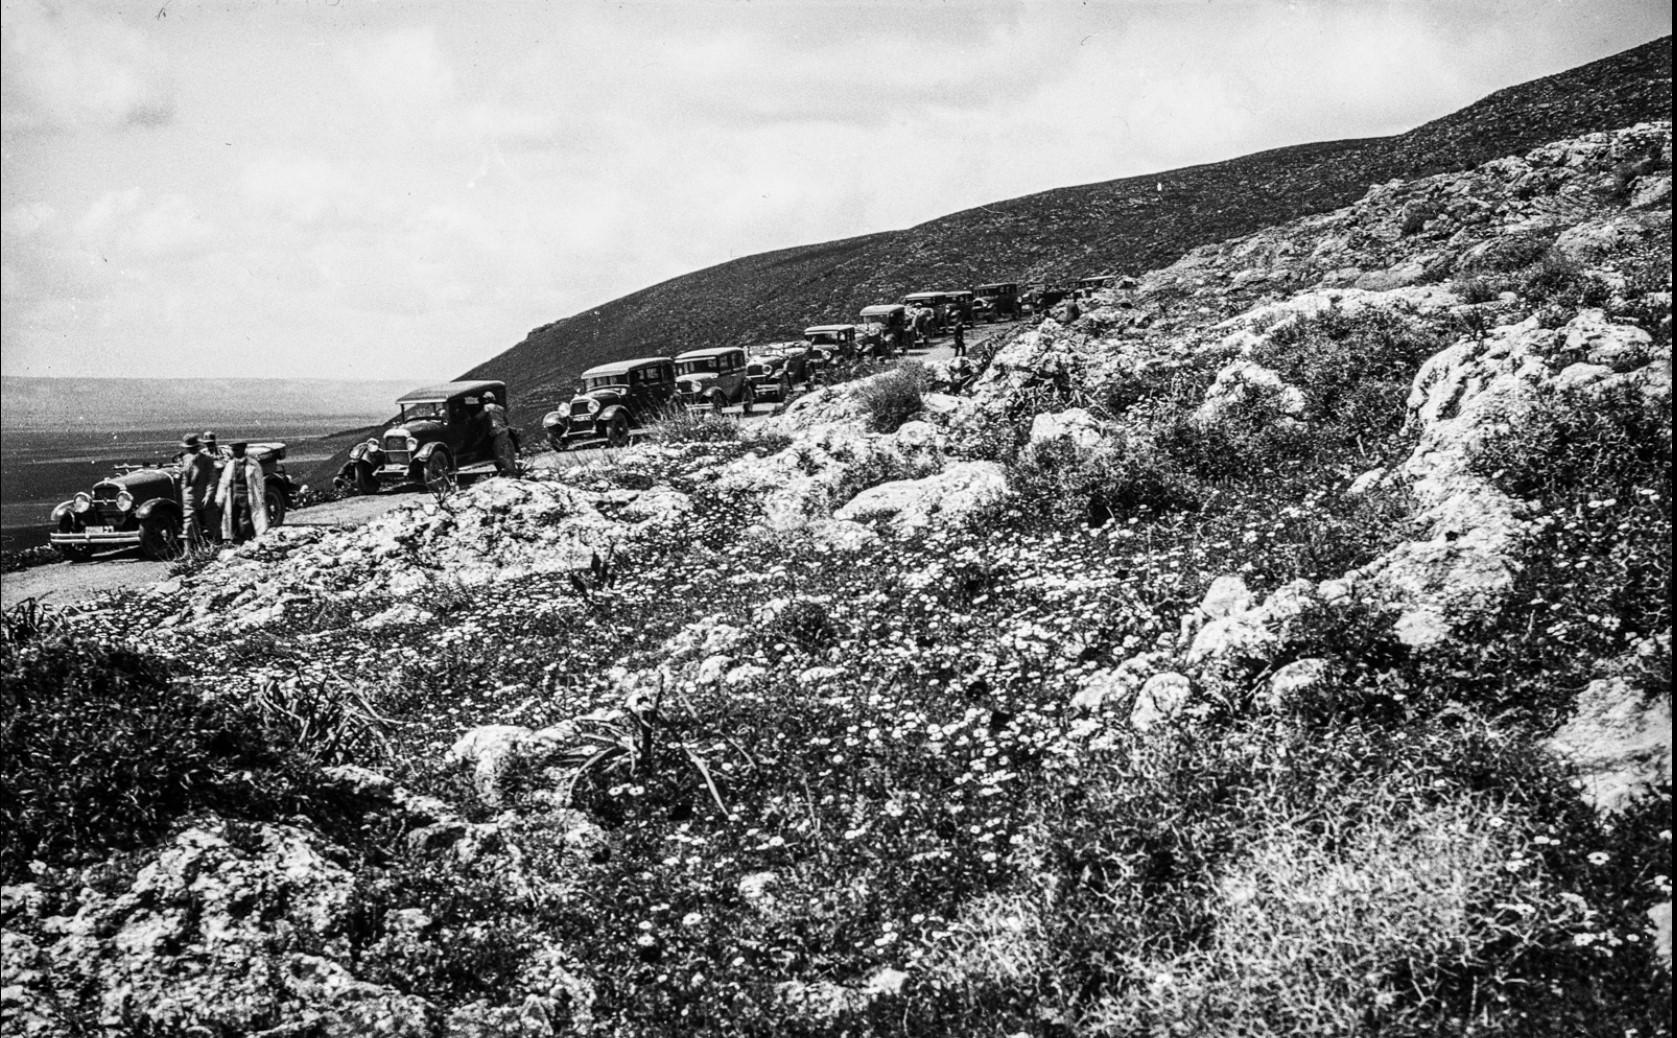 Автоколонна на северном склоне Изреельской равнины